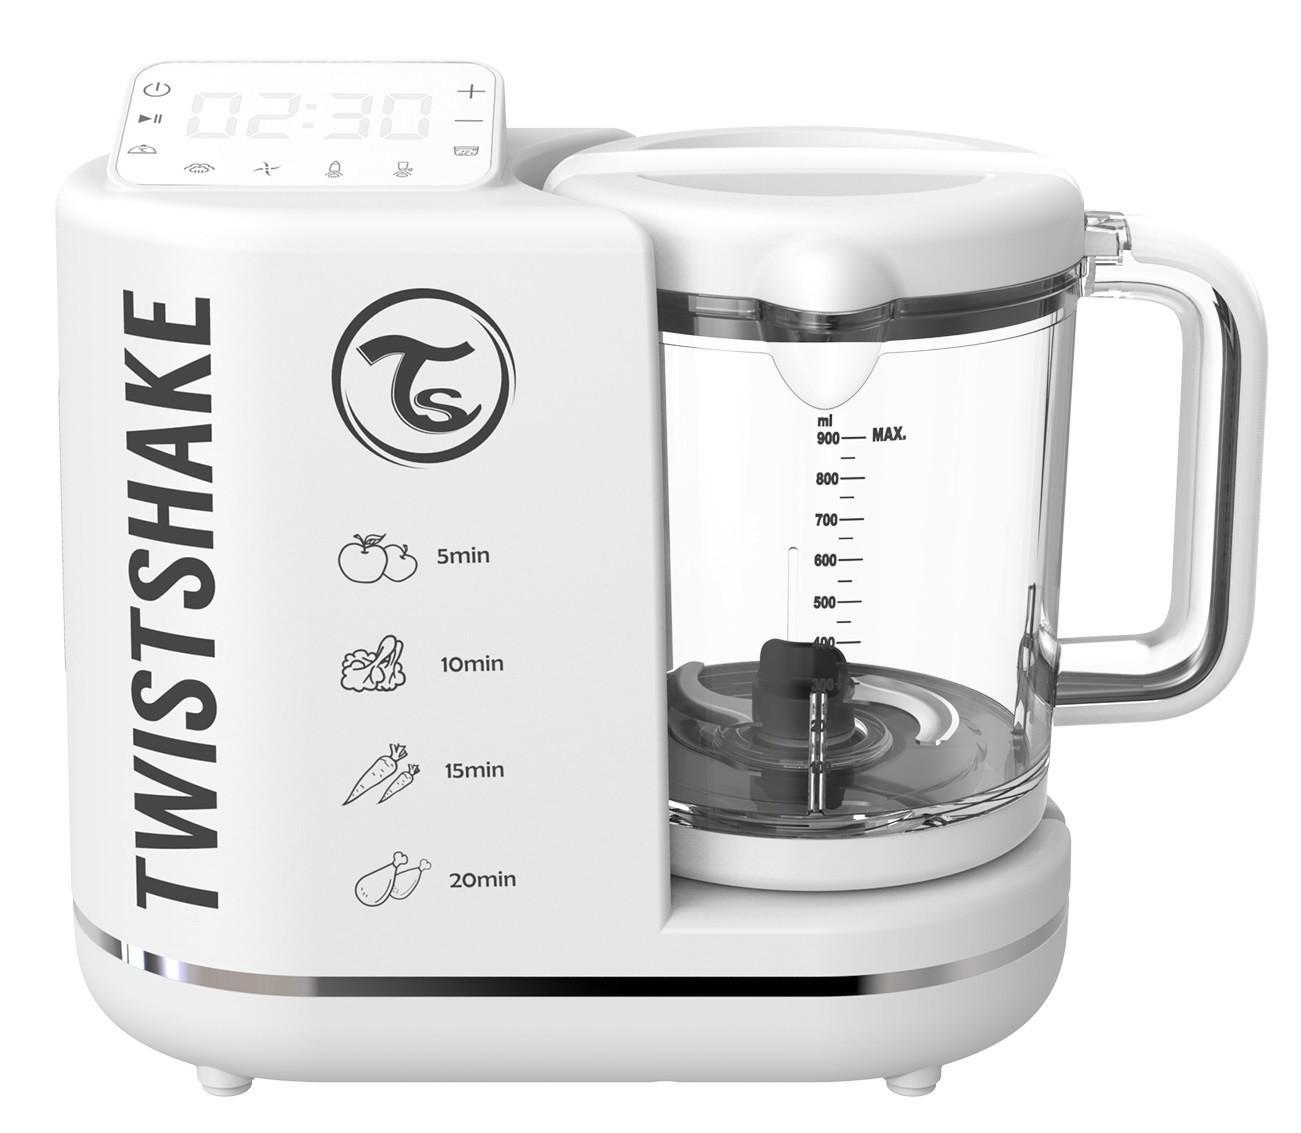 Комбайн 6 в 1 для приготовления детского питания Twistshake